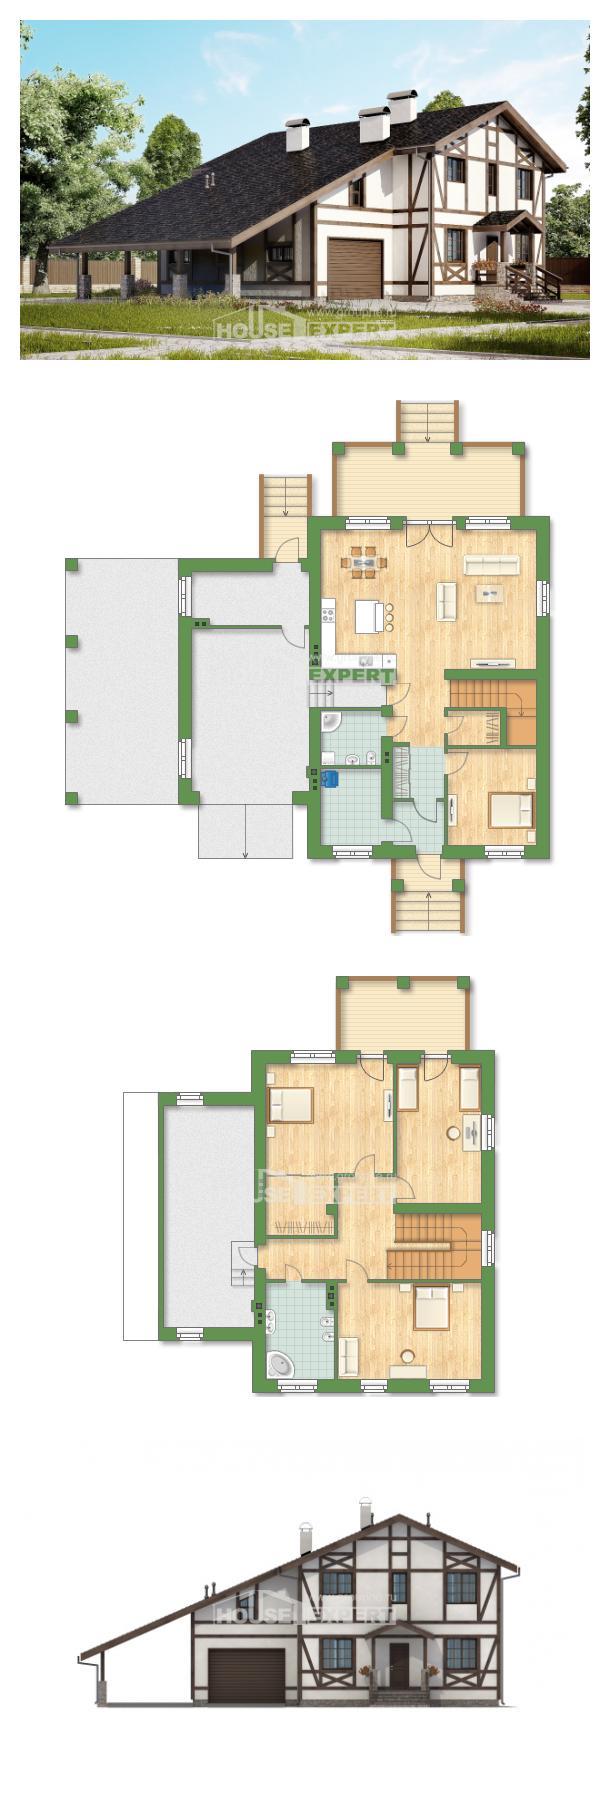 房子的设计 250-002-L | House Expert